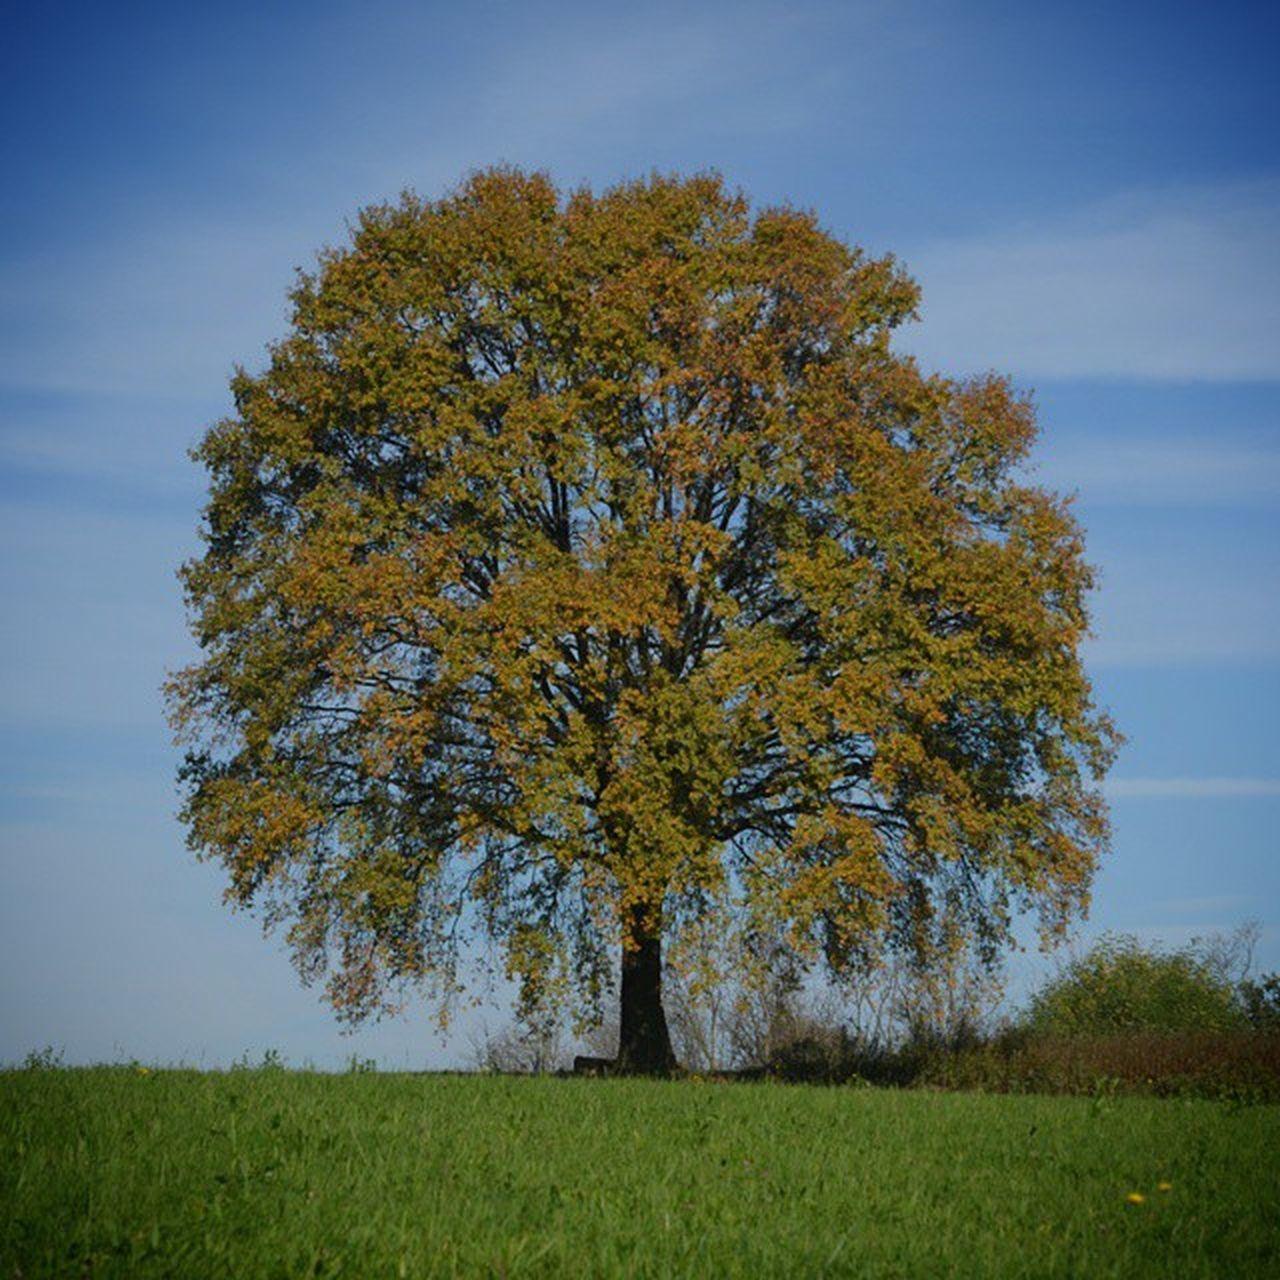 la bellissima vecchia quercia di (the beautiful old oak tree of) Caronno Corbellaro LivingLaDolceVita Rto